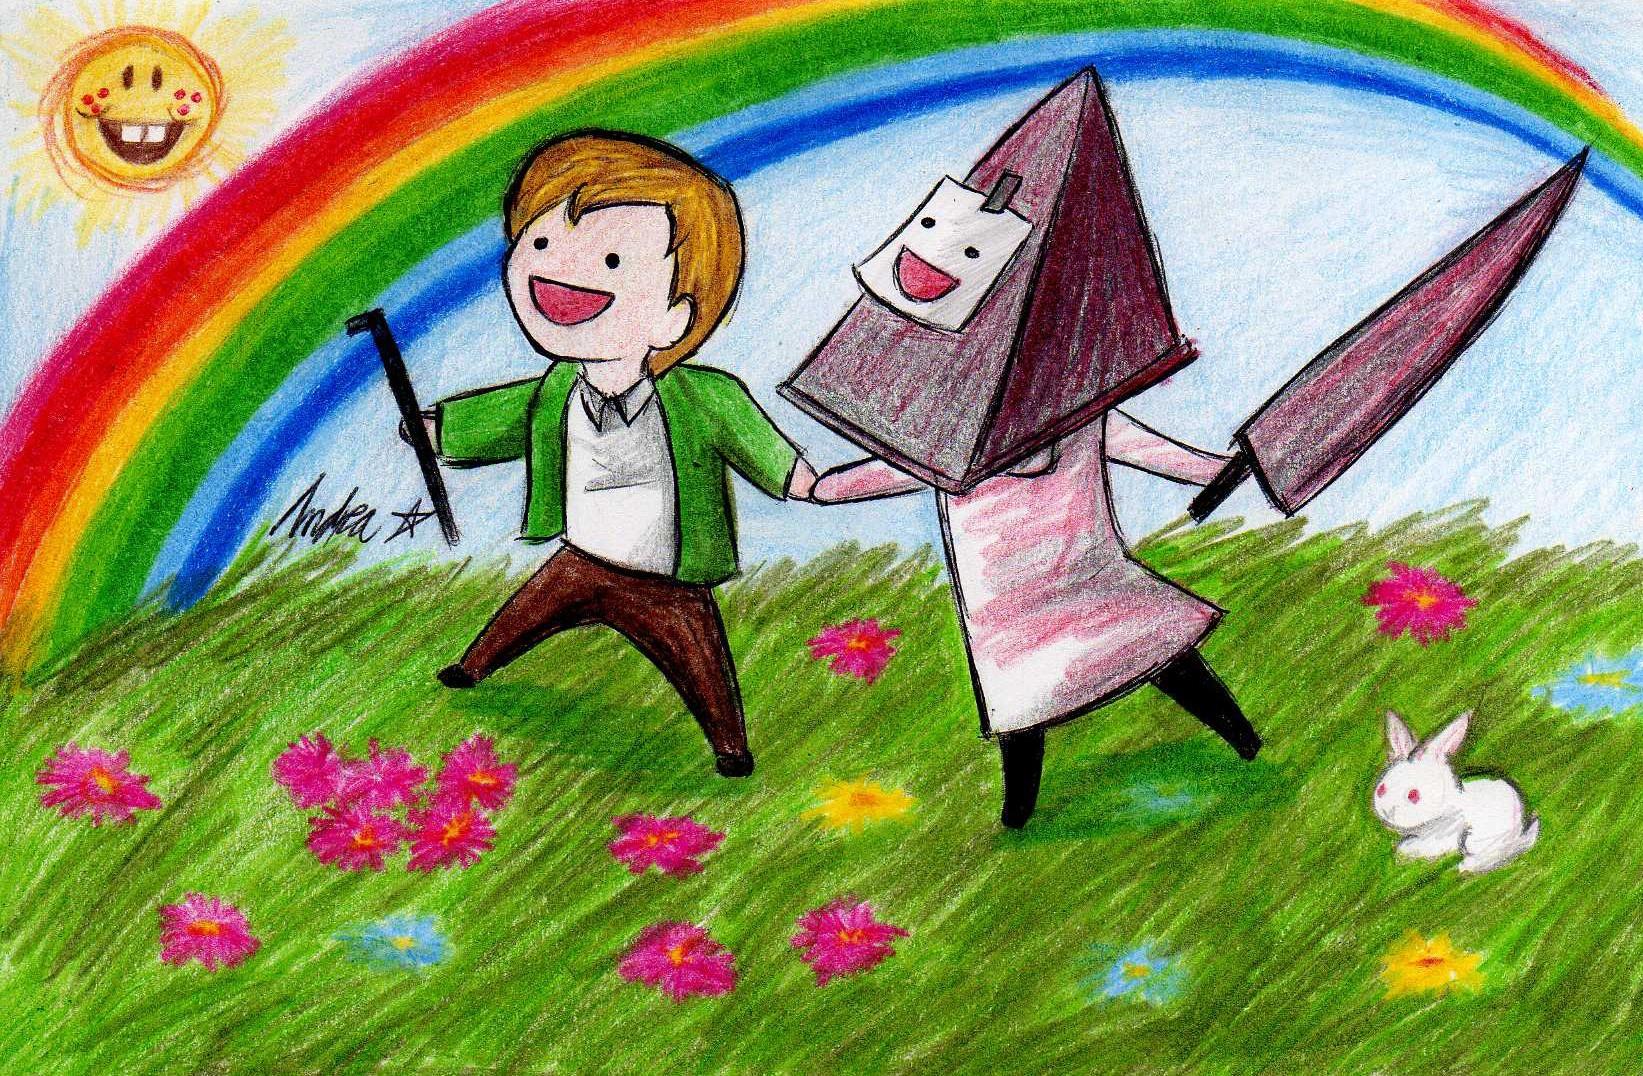 Wallpaper Illustration Video Games Silent Hill Pyramid Head